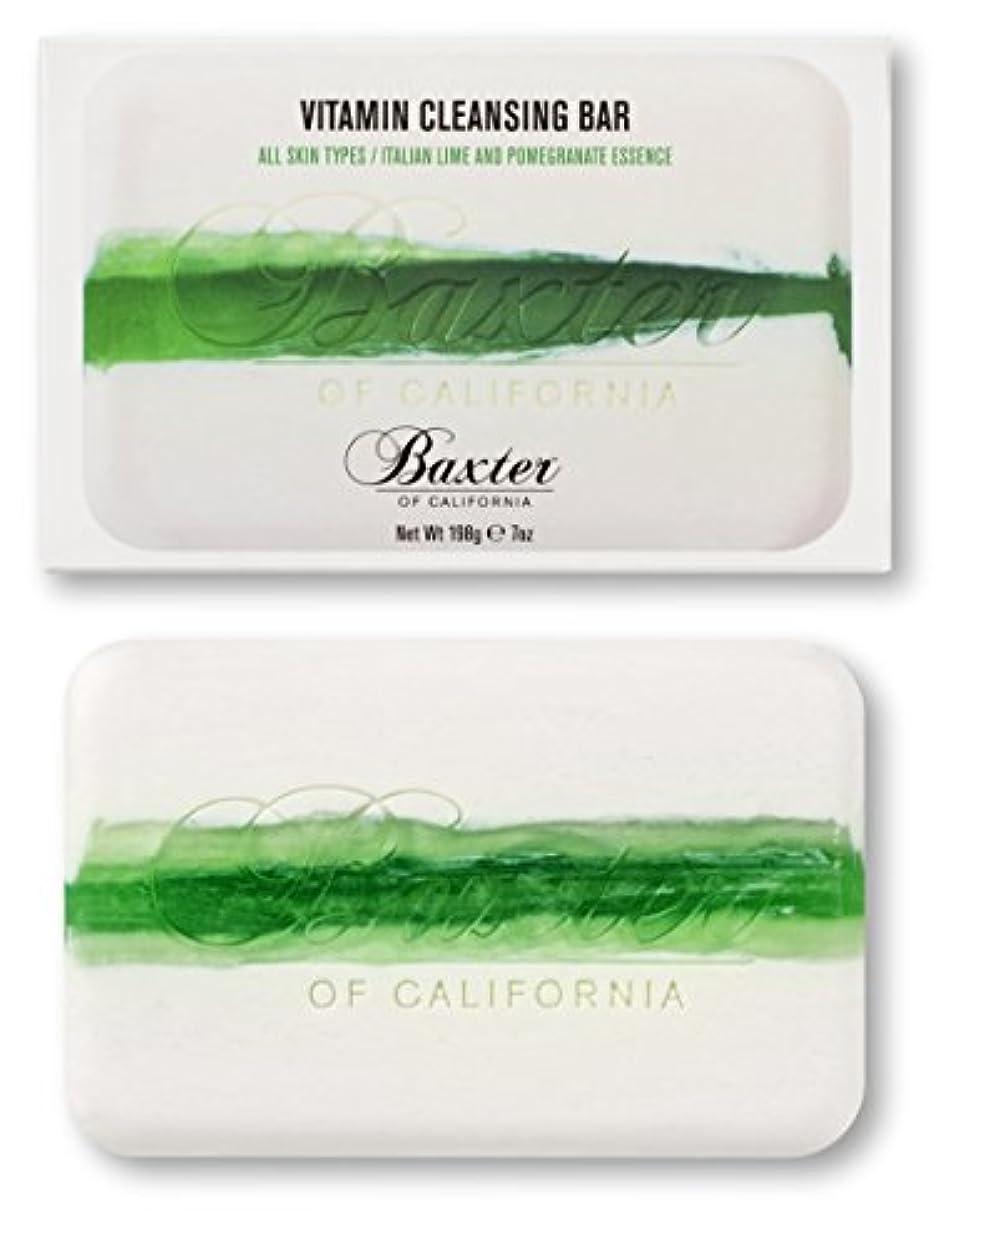 恵み位置づけるあいにくBaxter OF CALIFORNIA(バクスター オブ カリフォルニア) ビタミンクレンジングバー イタリアンライム&ポメグラネート 198g